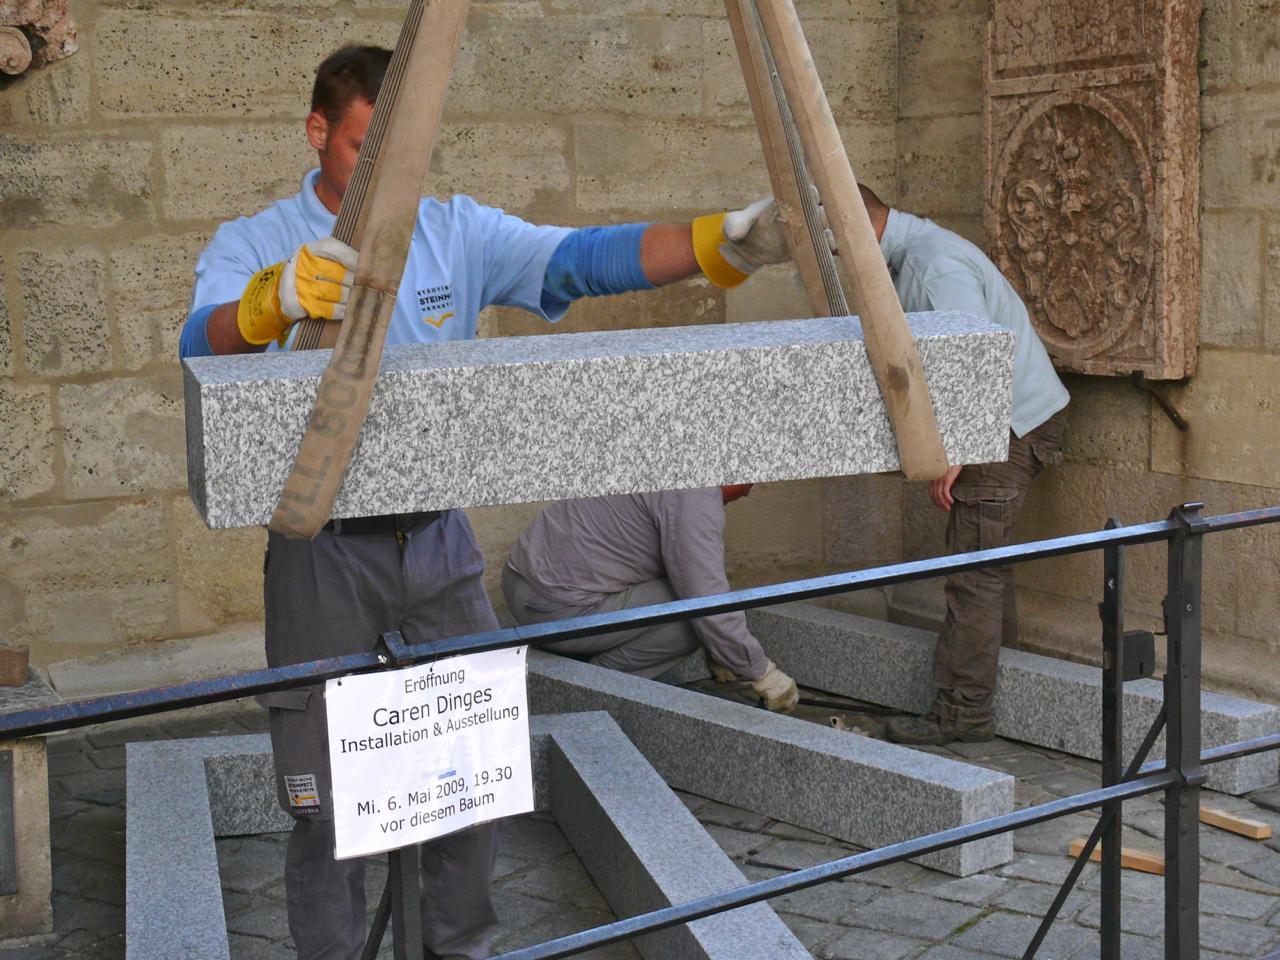 Schwerer Granit für die Grabinstallation der Wiener Friedhöfe